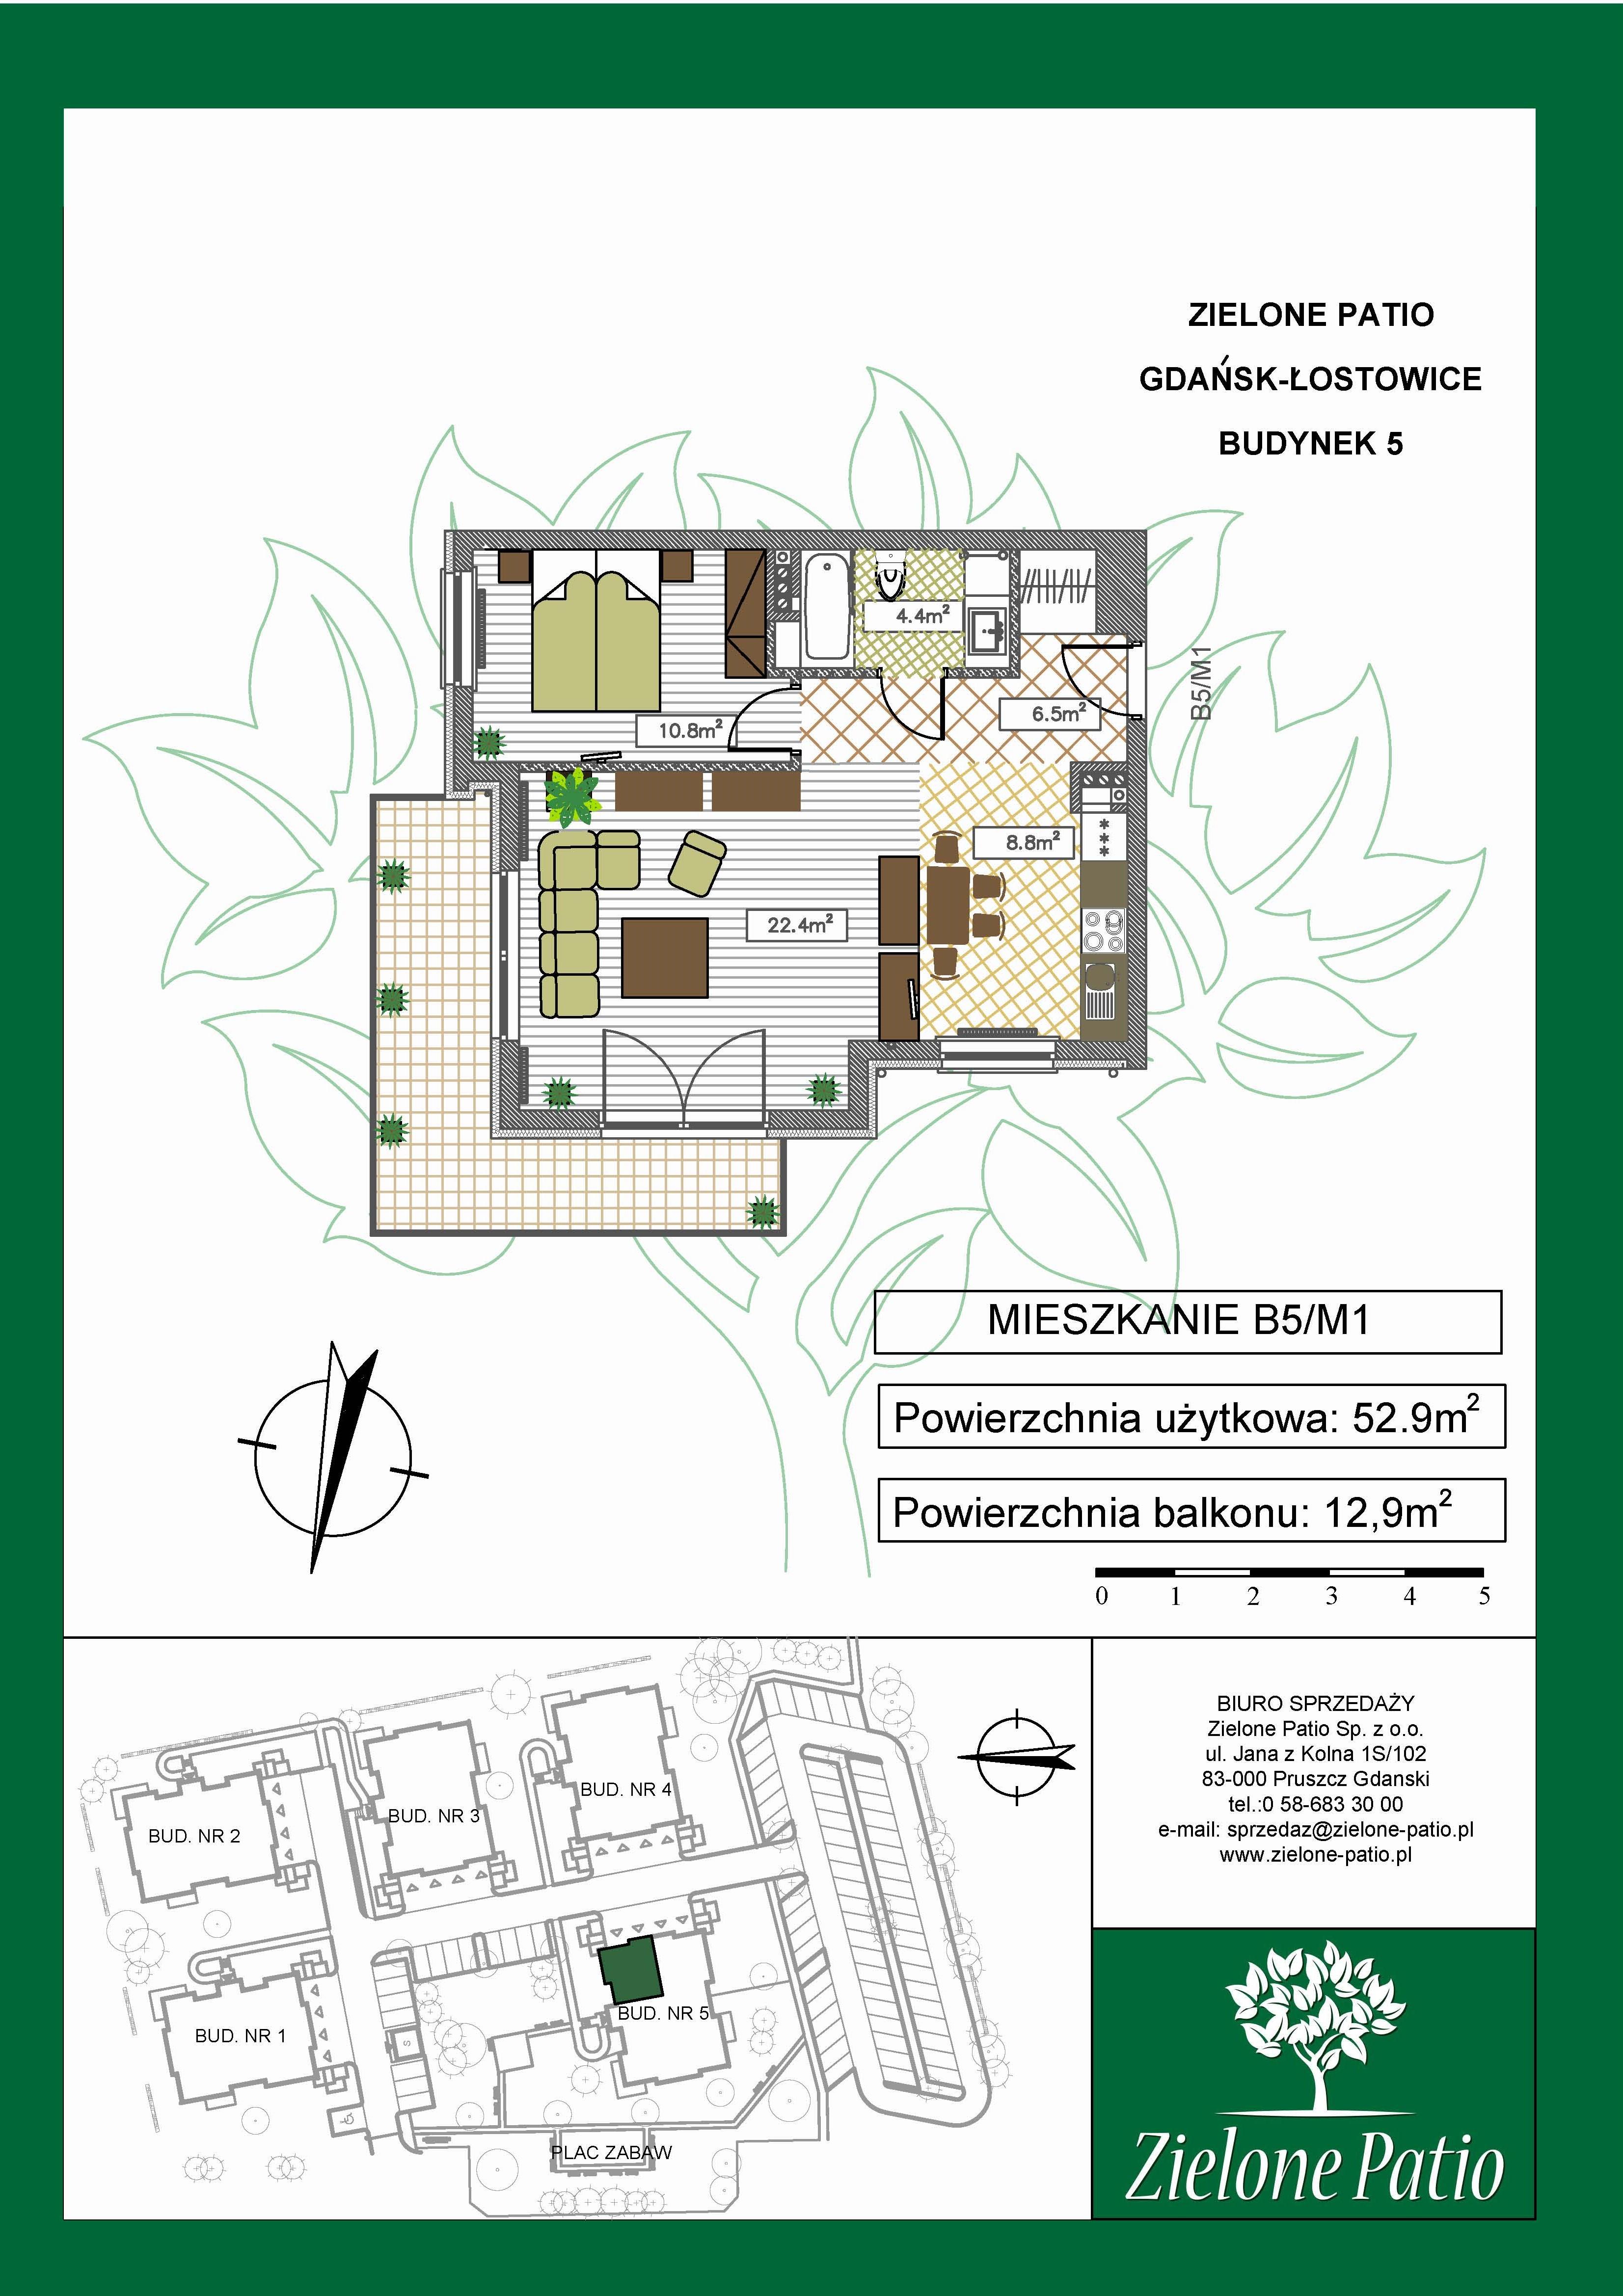 Plan M1 Zielone Patio, Budynek nr 5